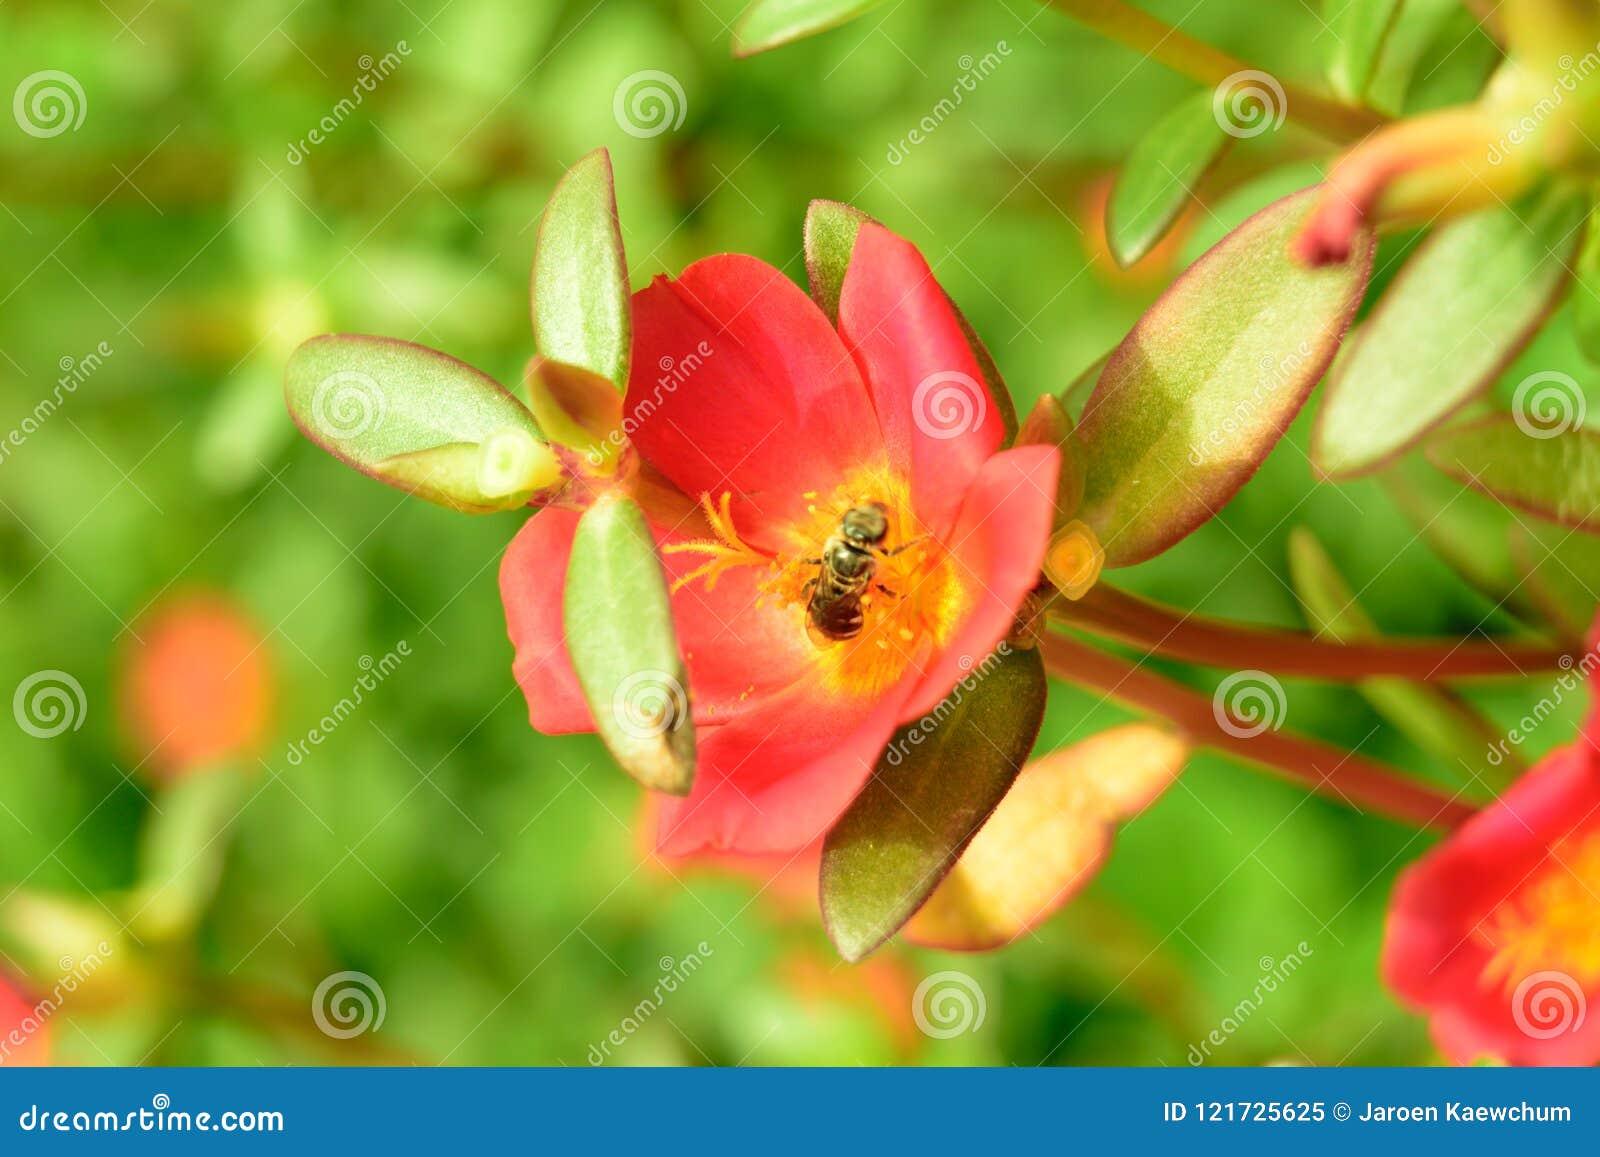 Abeille sur la fleur rouge